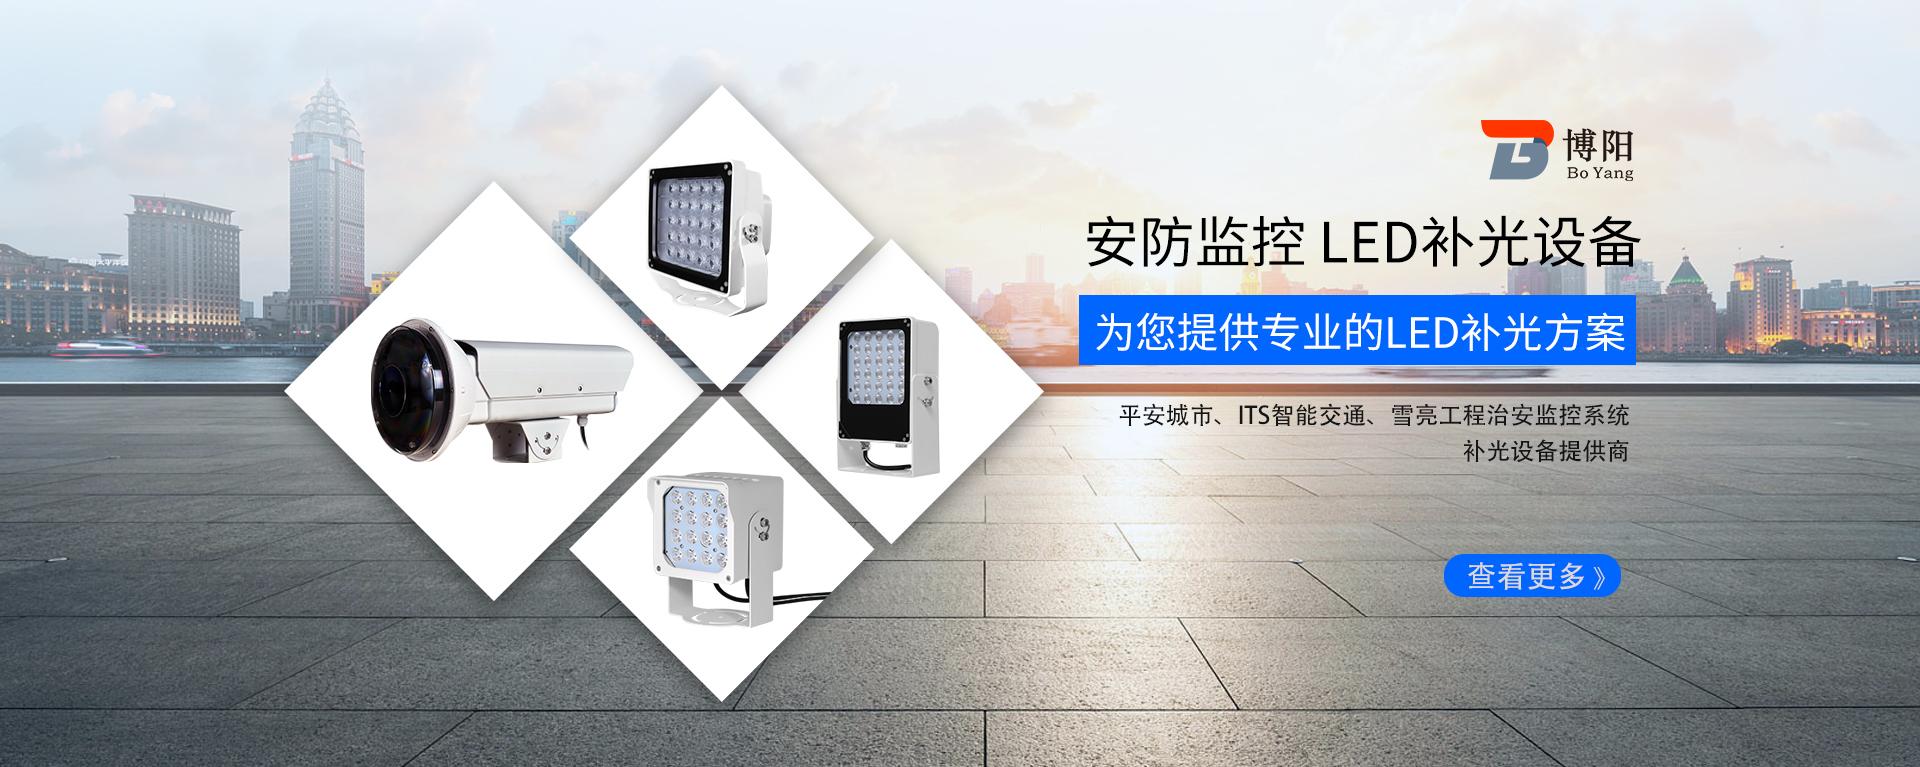 视频监控LED补光产品